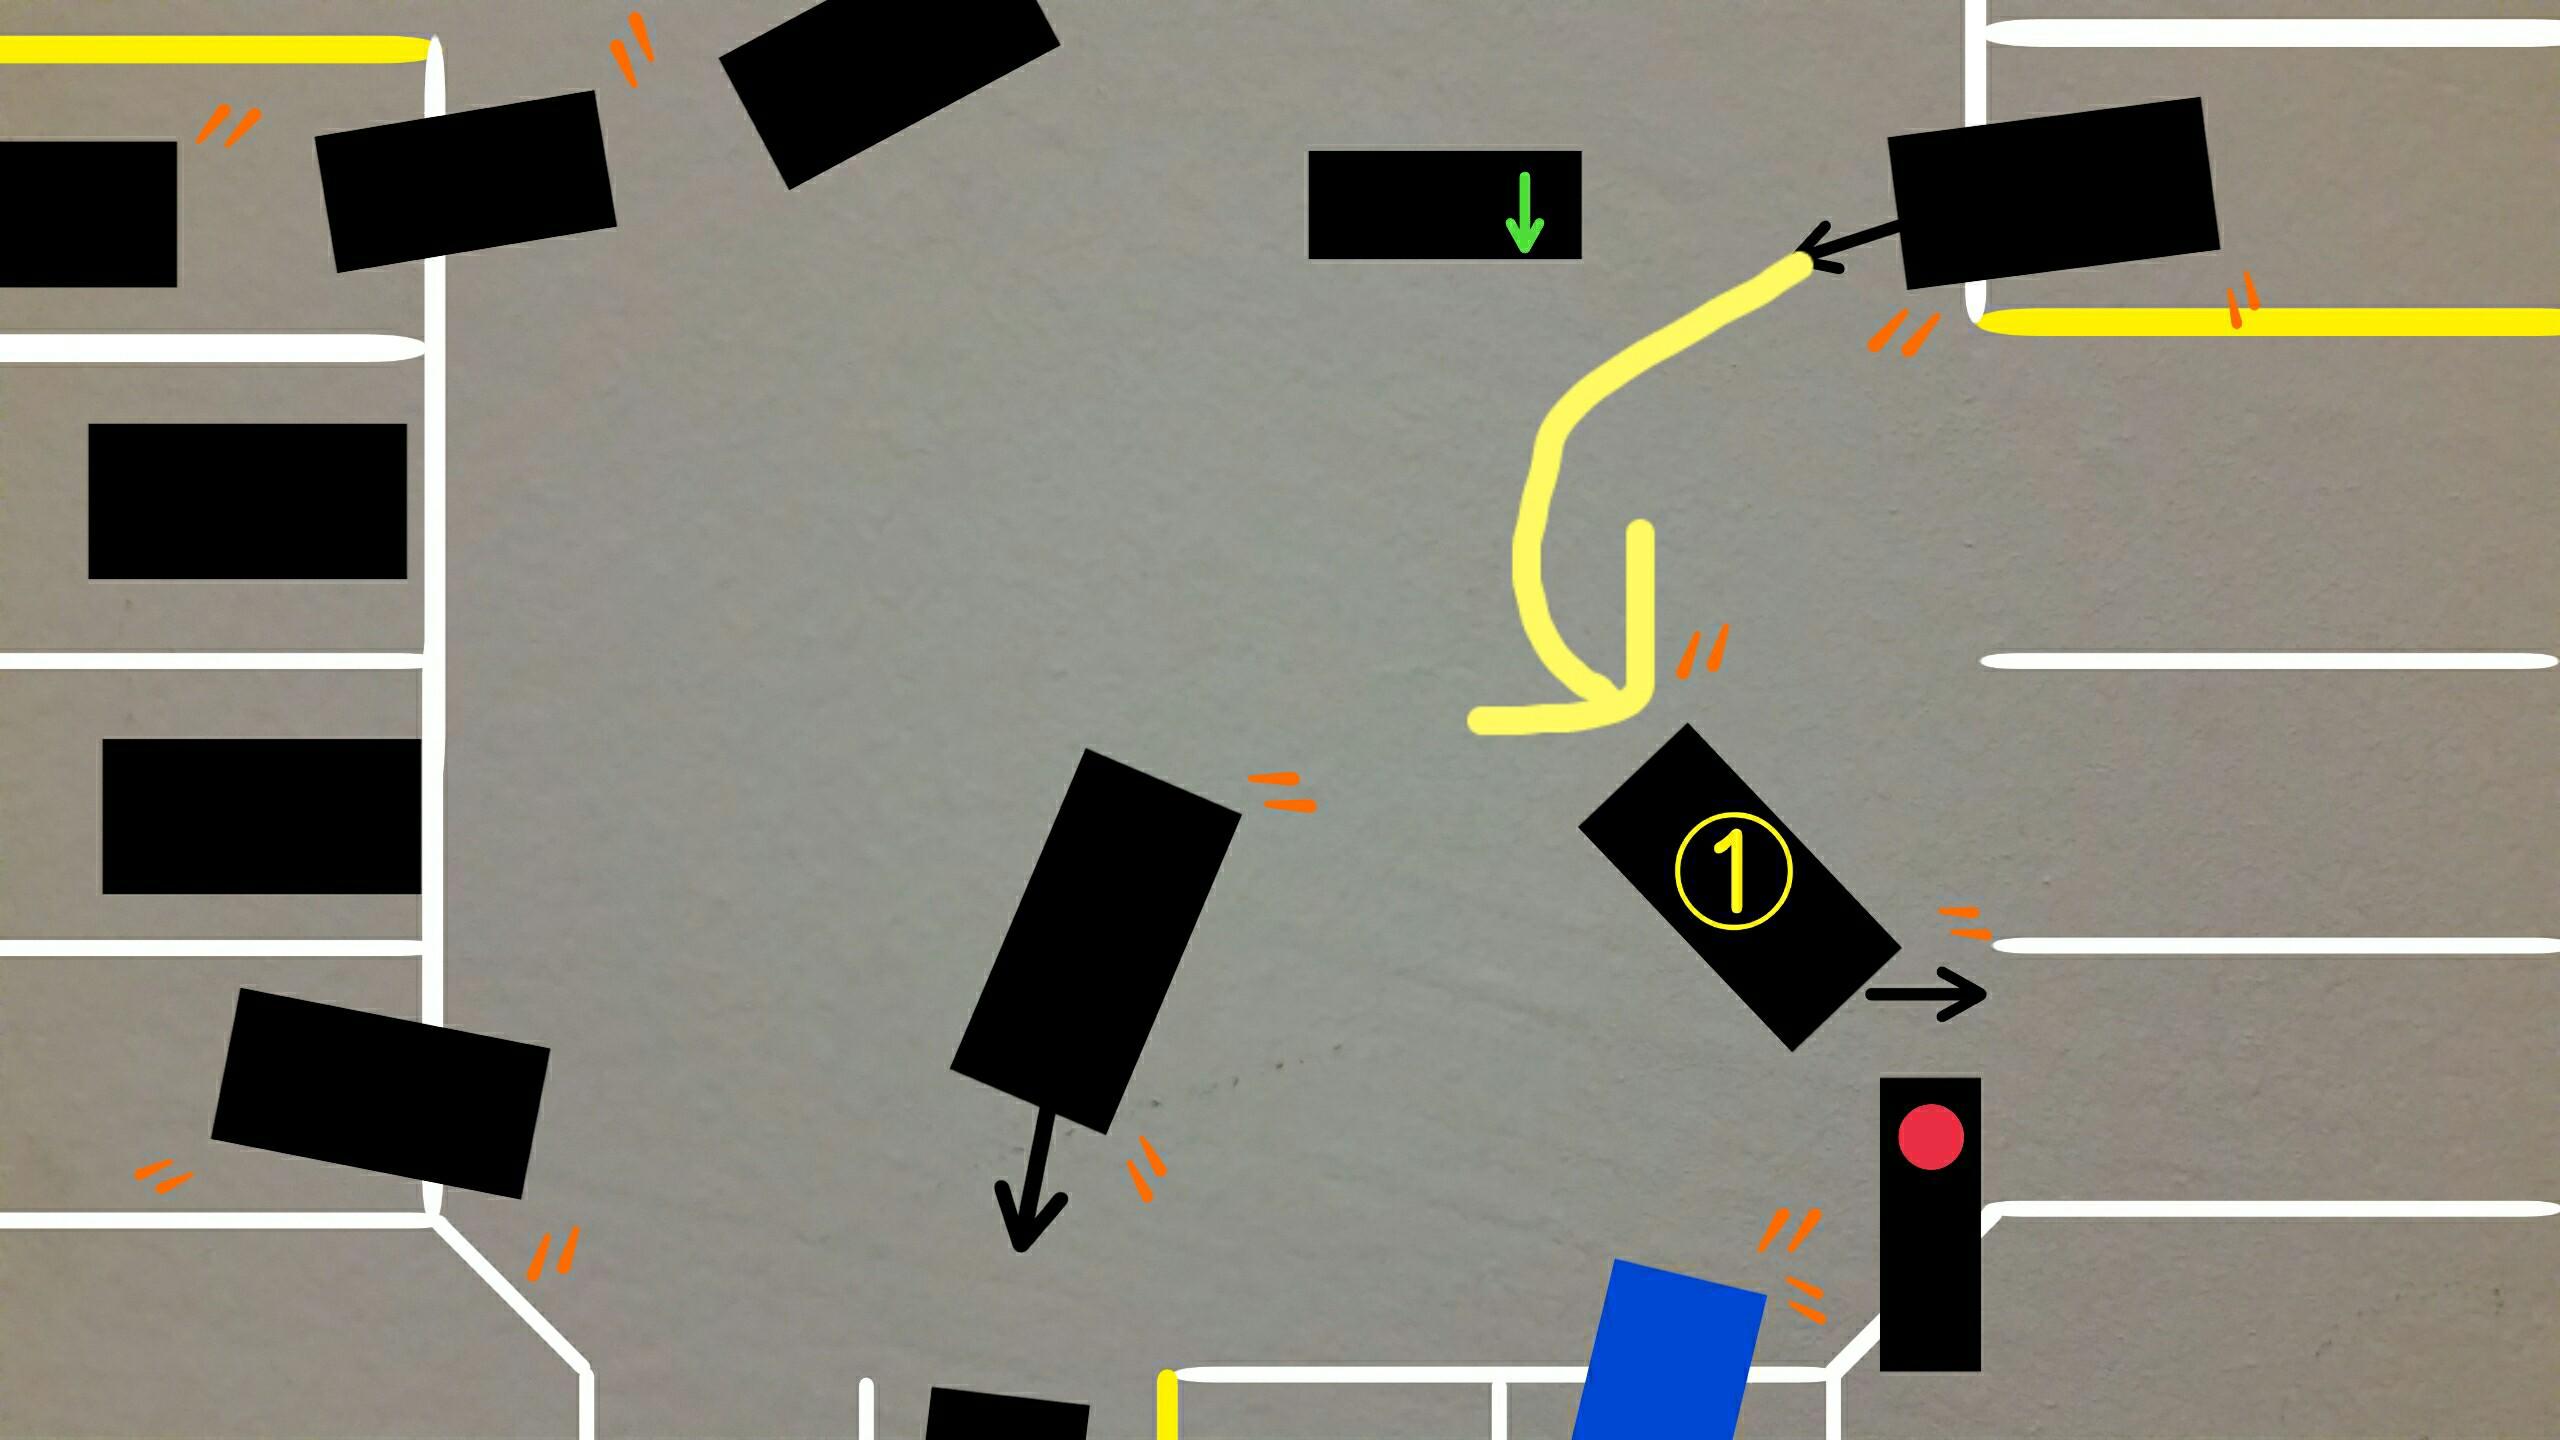 アメリカ グアム 赤信号絵右折注意点Uターンの車